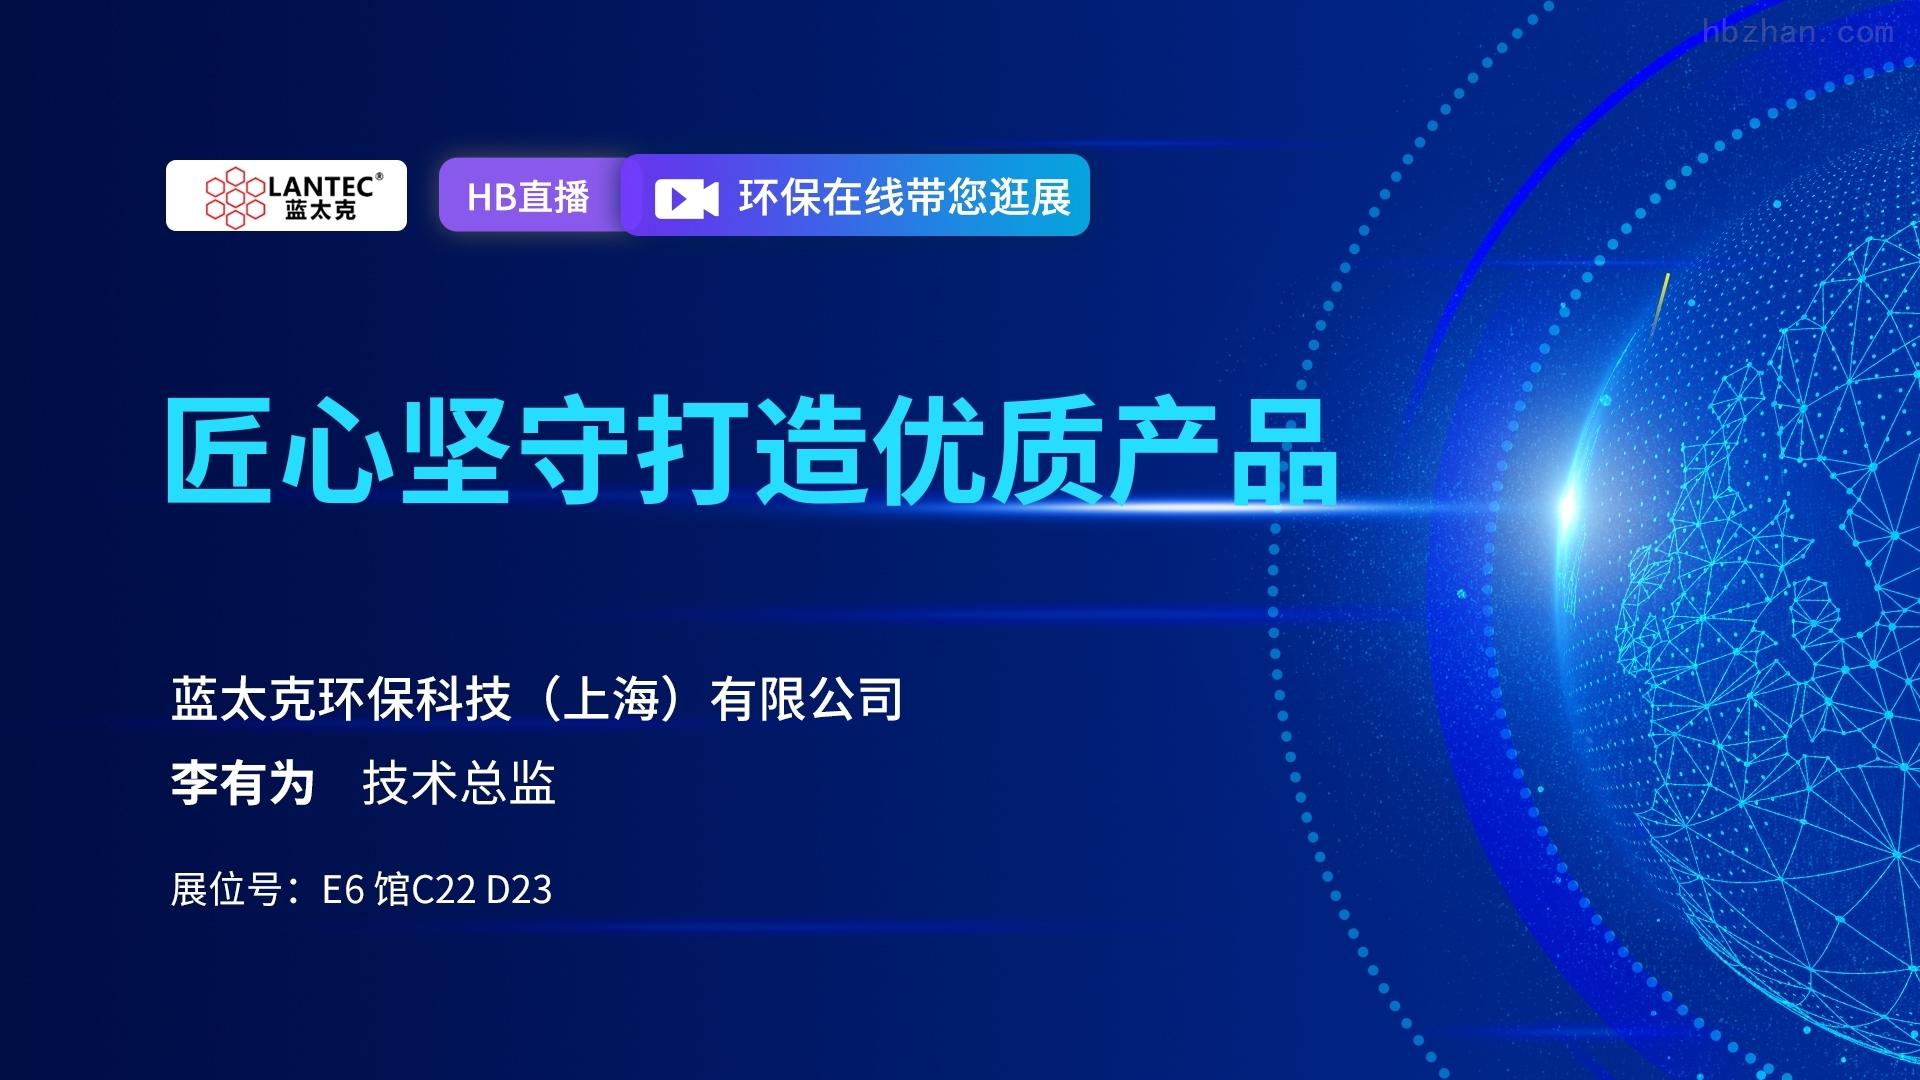 蓝太克与您相约中国环博会,展台位于E6馆C22